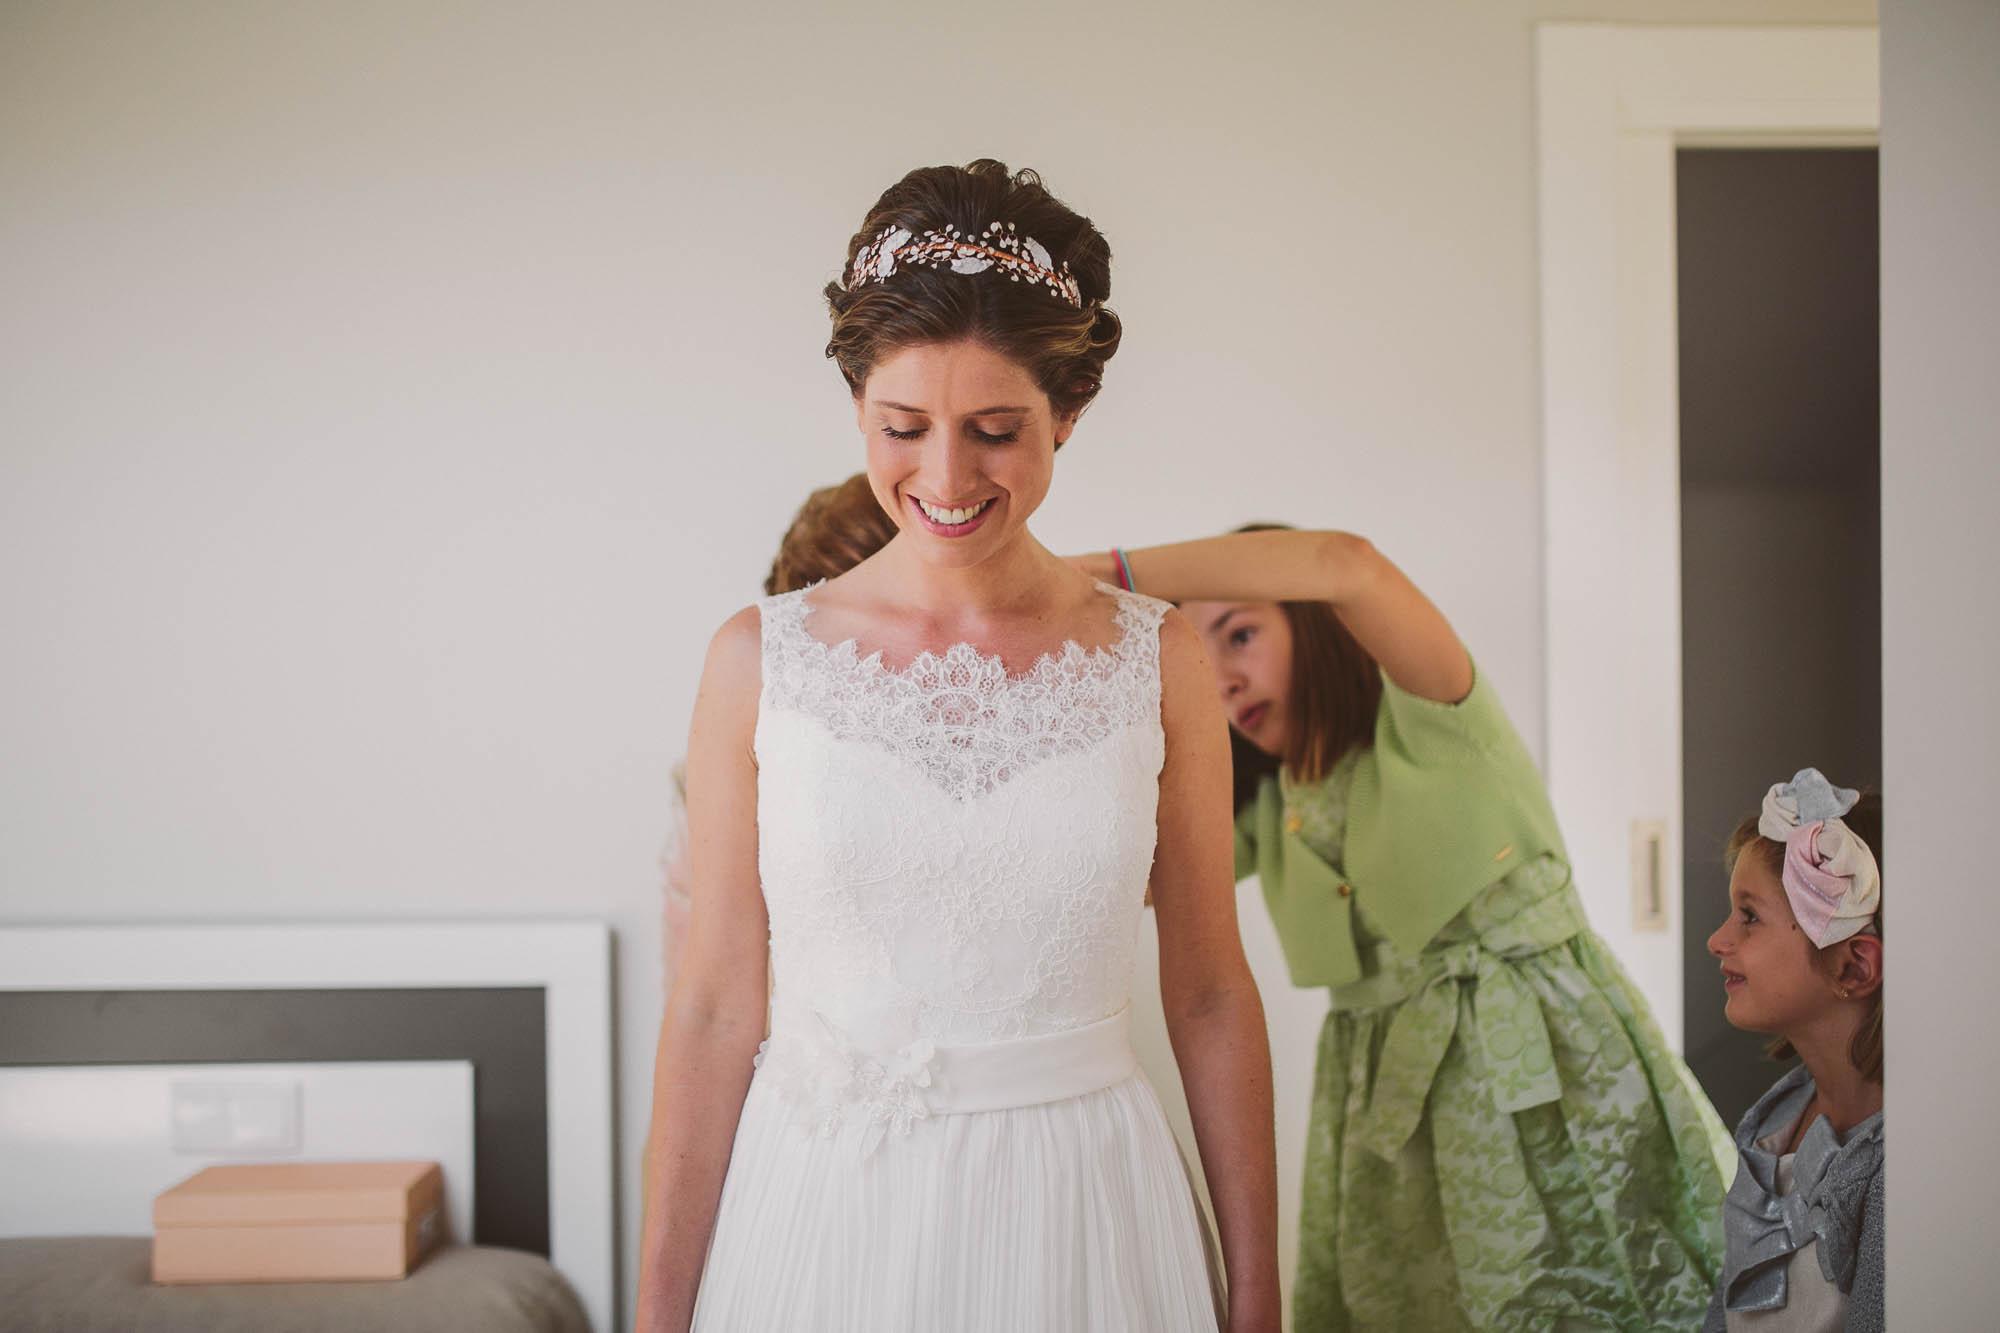 La novia sonríe mientras las niñas y la madre le cierran el vestido